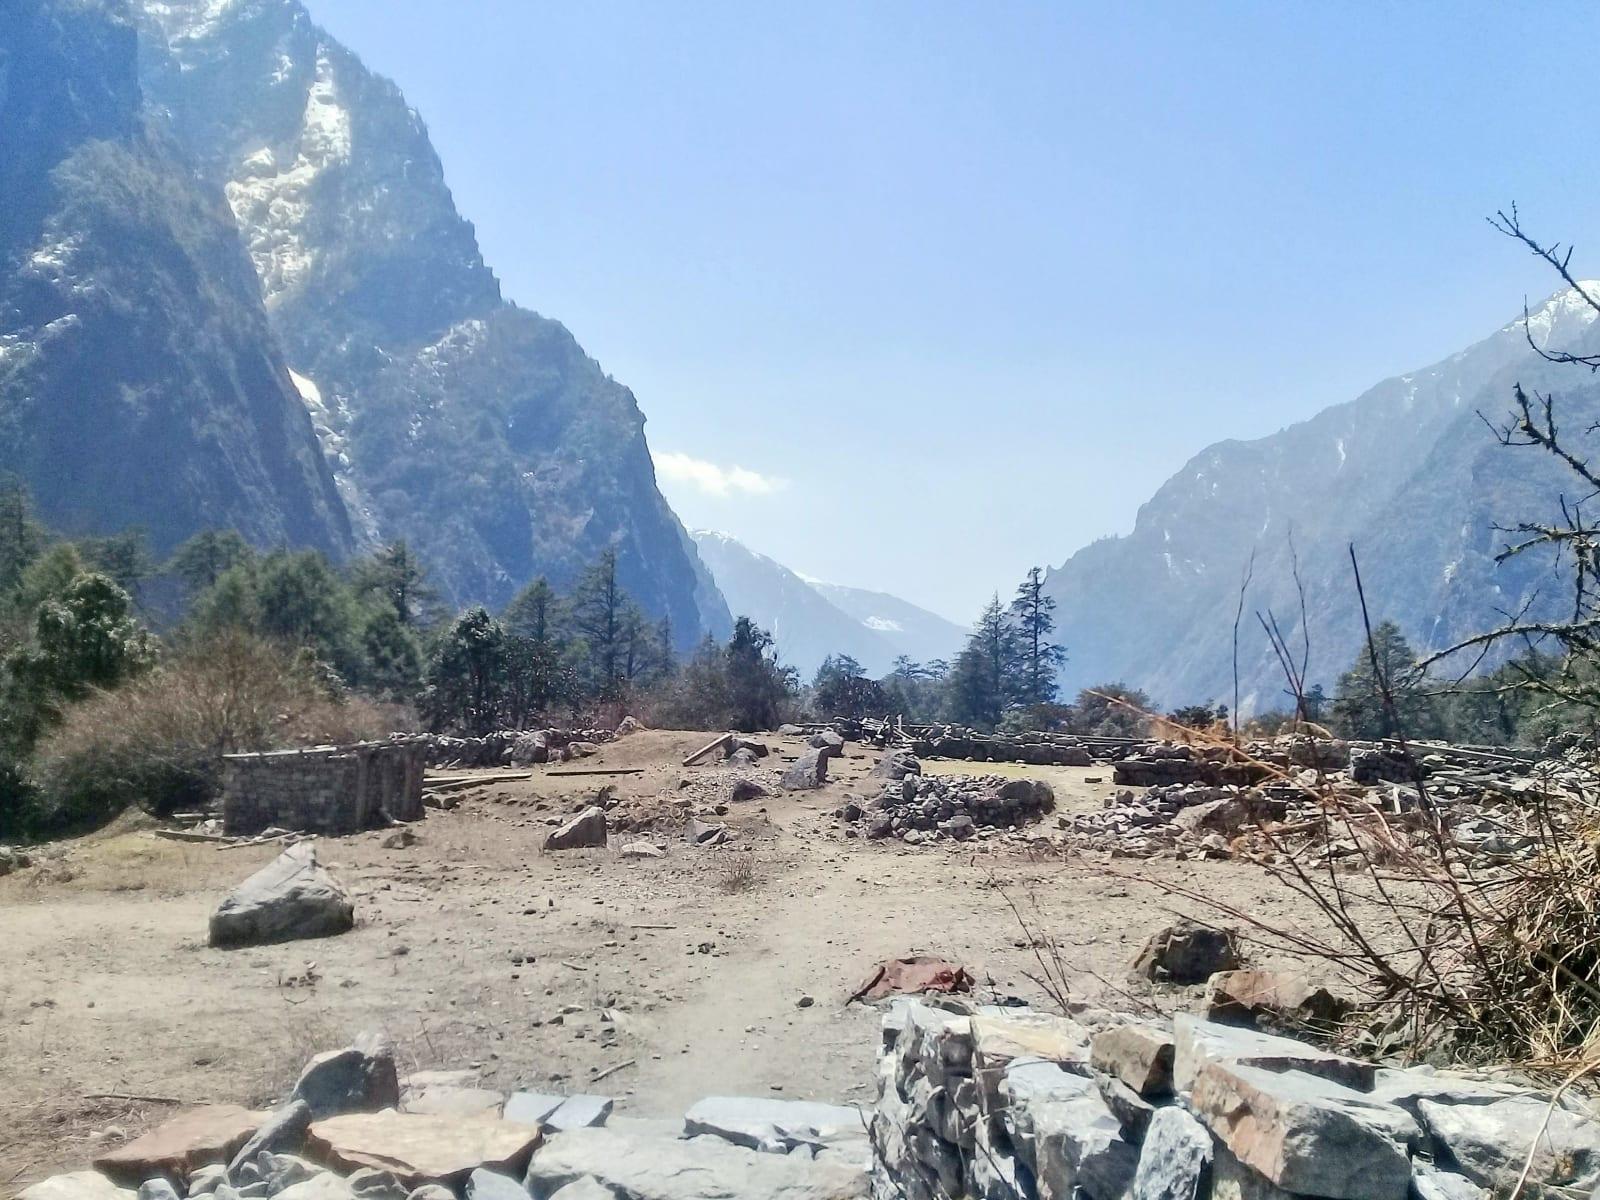 Torzo-bývalé-vesnice-Ghoda-Tabela-spal-jsem-v-té-budově-vlevo-Nepál